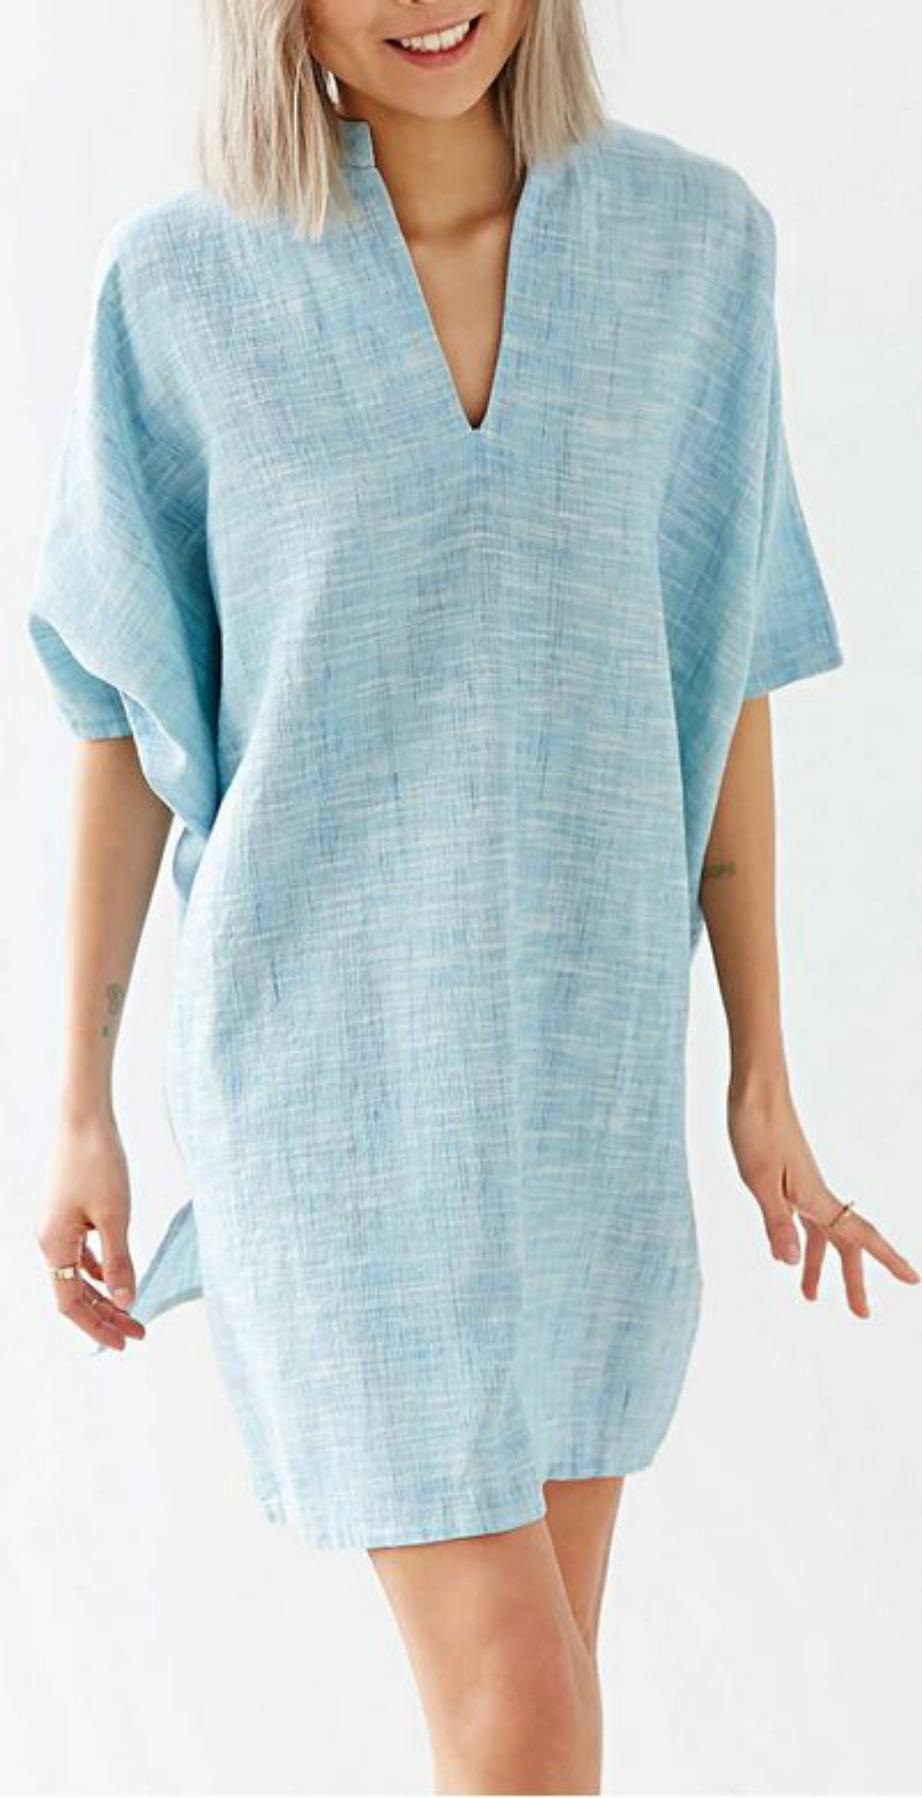 Αν το φορέσετε με τον σωστό τρόπο θα αναδείξουν με τον καλύτερο τρόπο το σώμα σας.